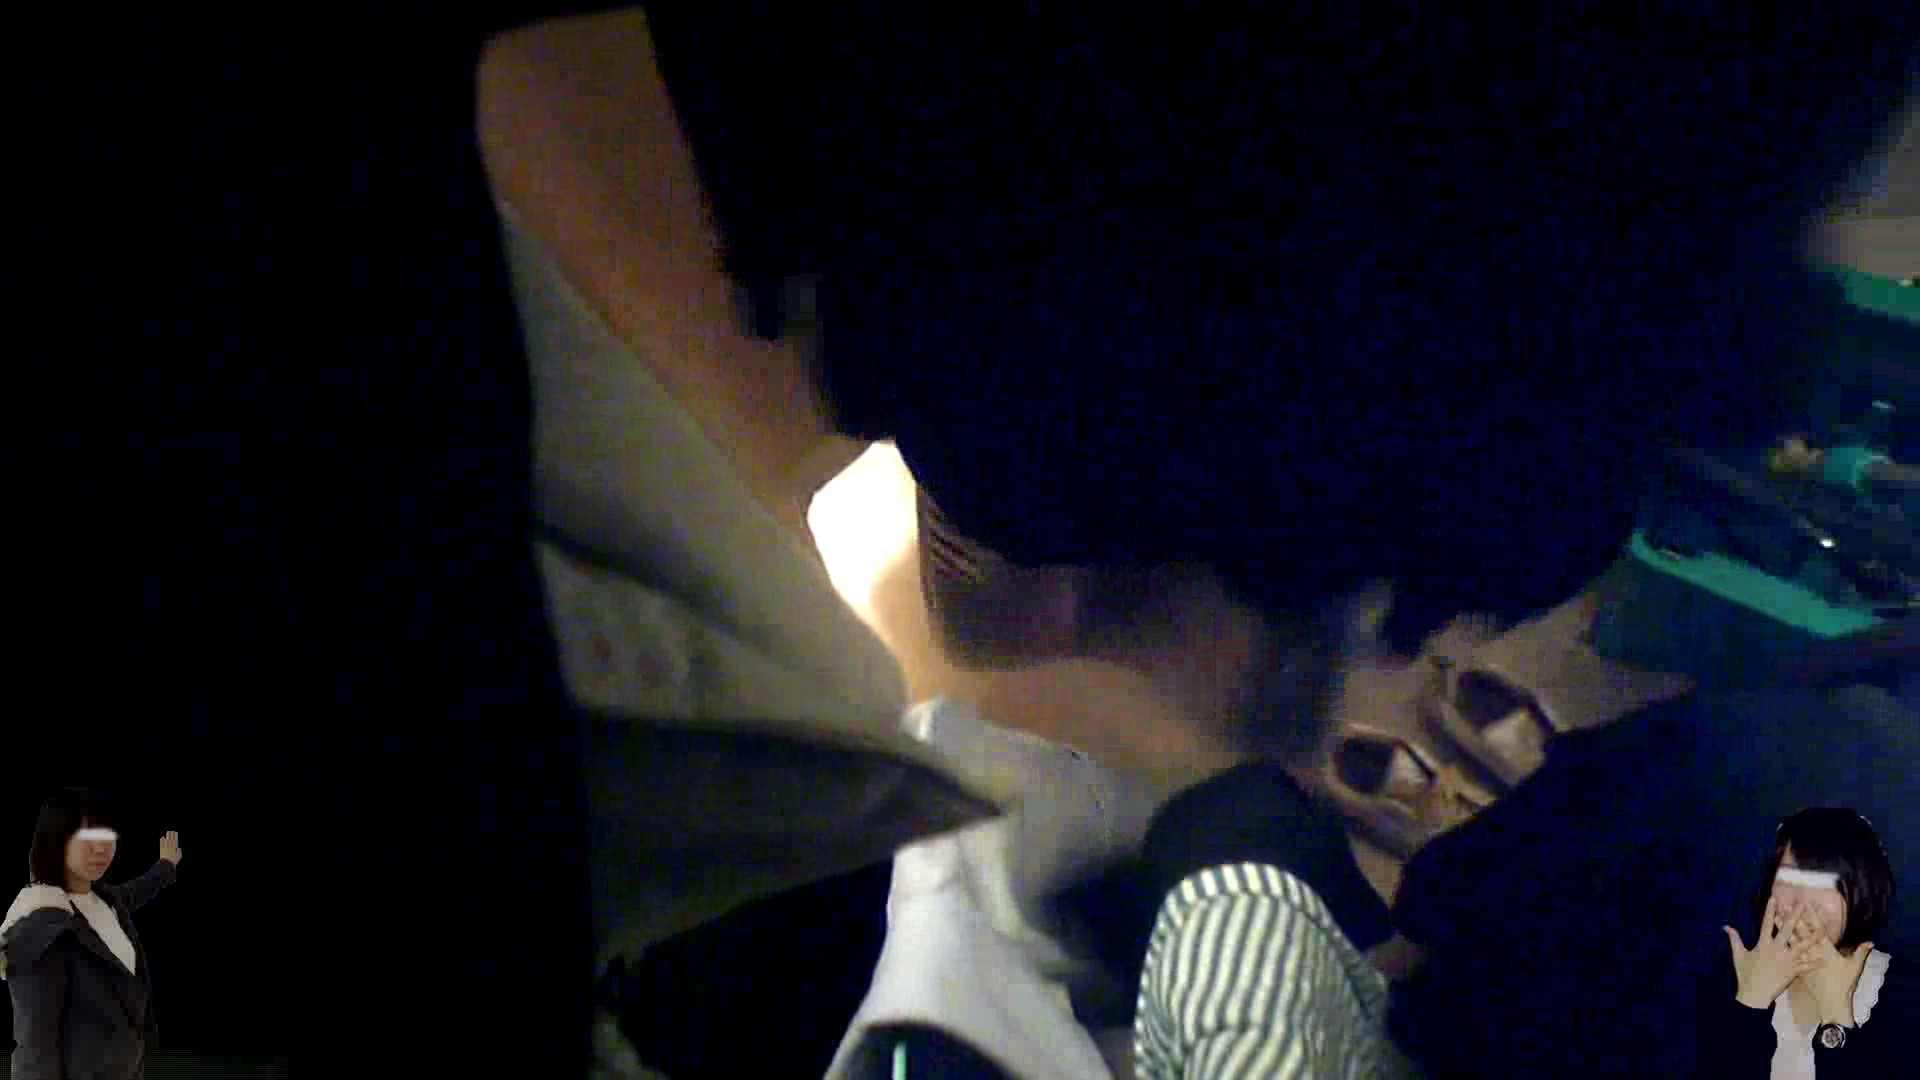 素人投稿 現役「JD」Eちゃんの着替え Vol.02 着替え 覗きおまんこ画像 81pic 15